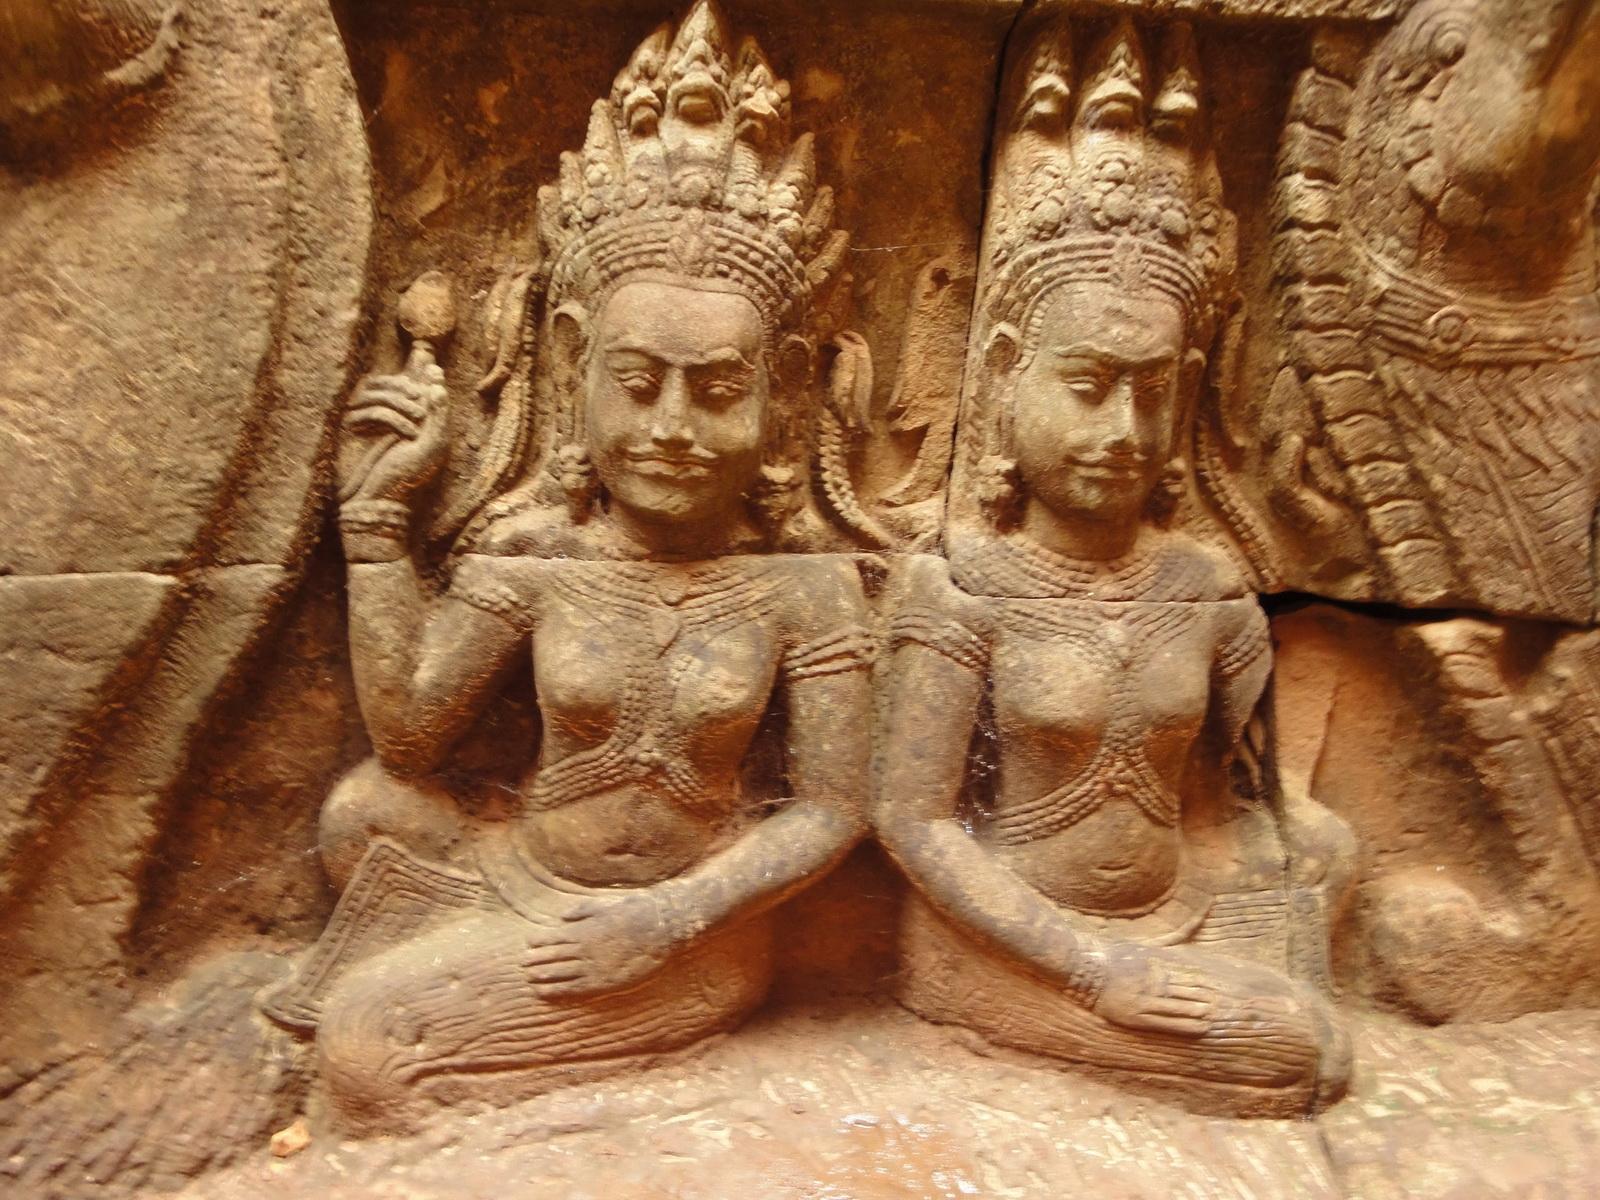 Leper King Terrace hidden wall underworld Nagas and deities 064